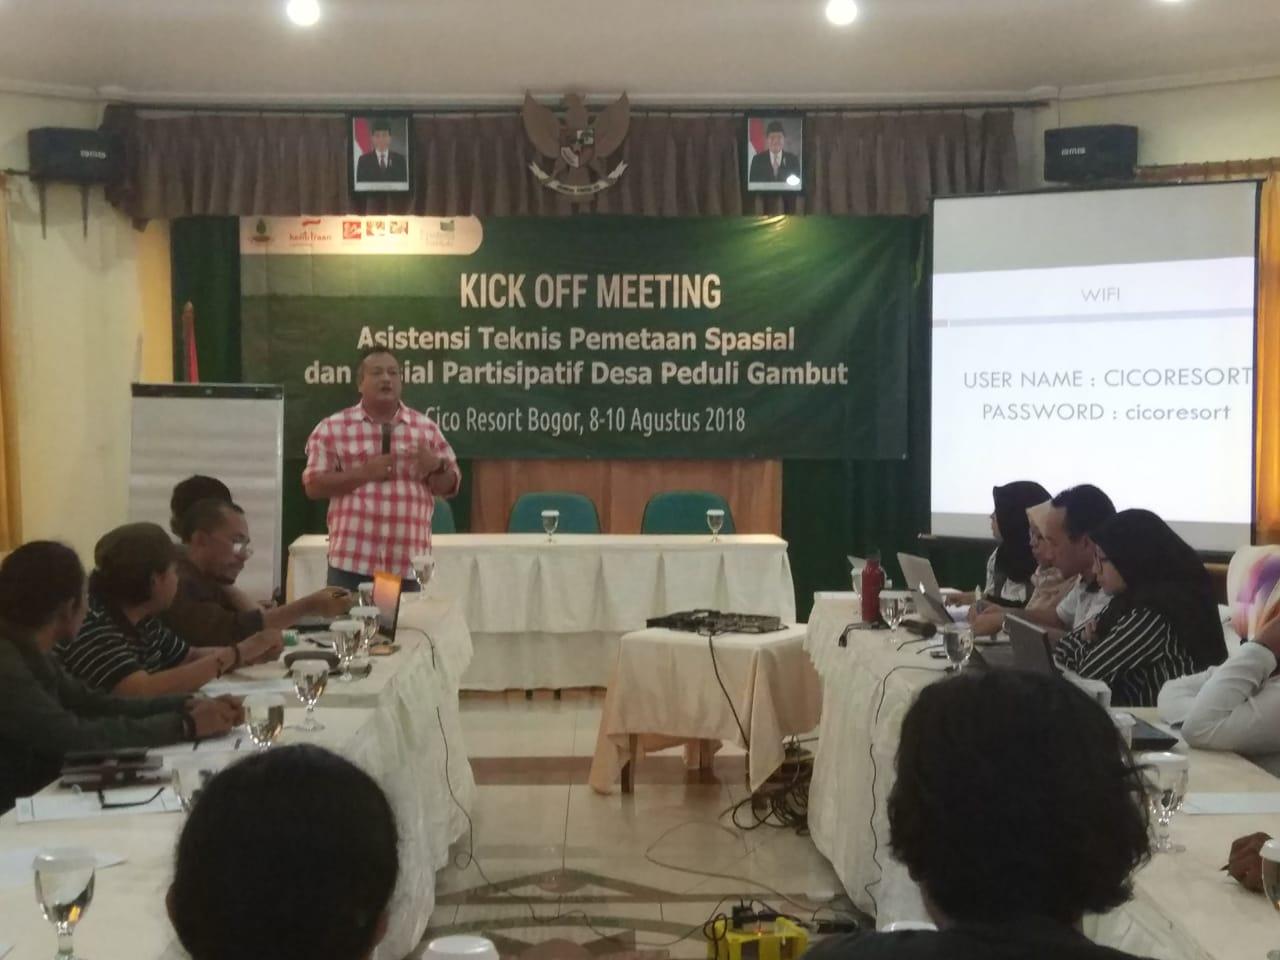 Deny Rahdian, Kornas JKPP saat membuka Kick Off Meeting Asistensi Teknis pemetaan spasial dan sosial Partisipatif Desa Peduli Gambut (8/8)